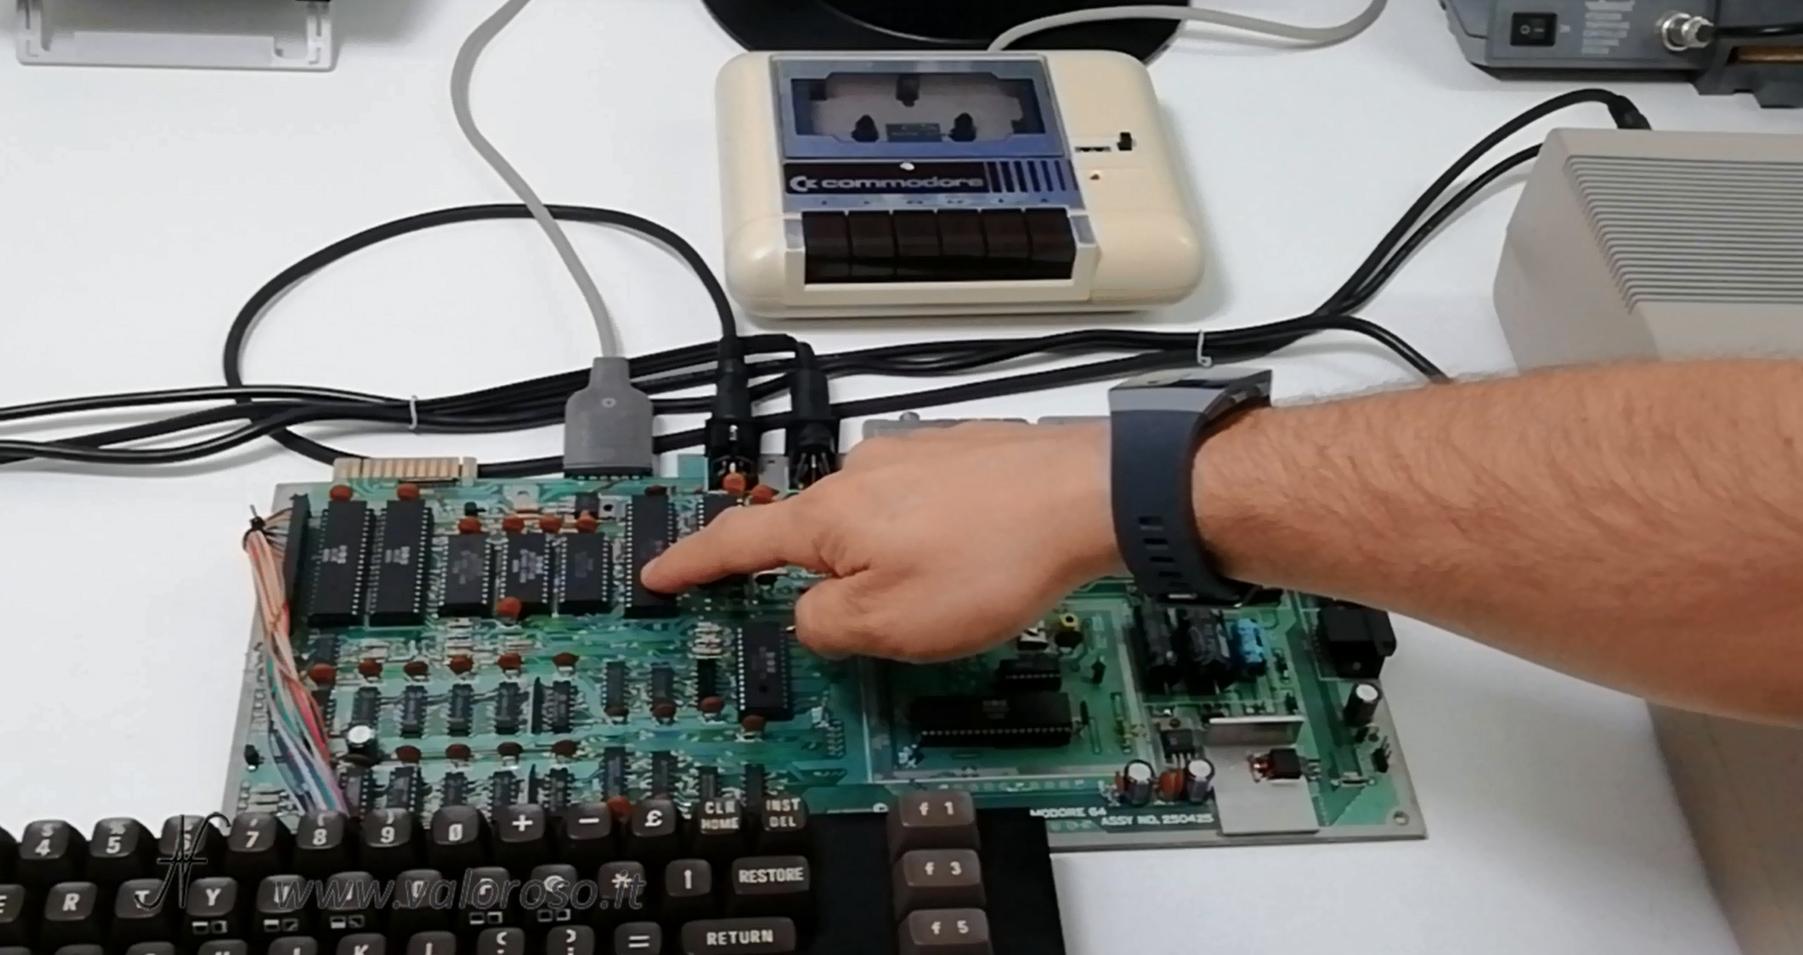 Commodore 64 Vs PC moderno, processore MOS 6510, CPU